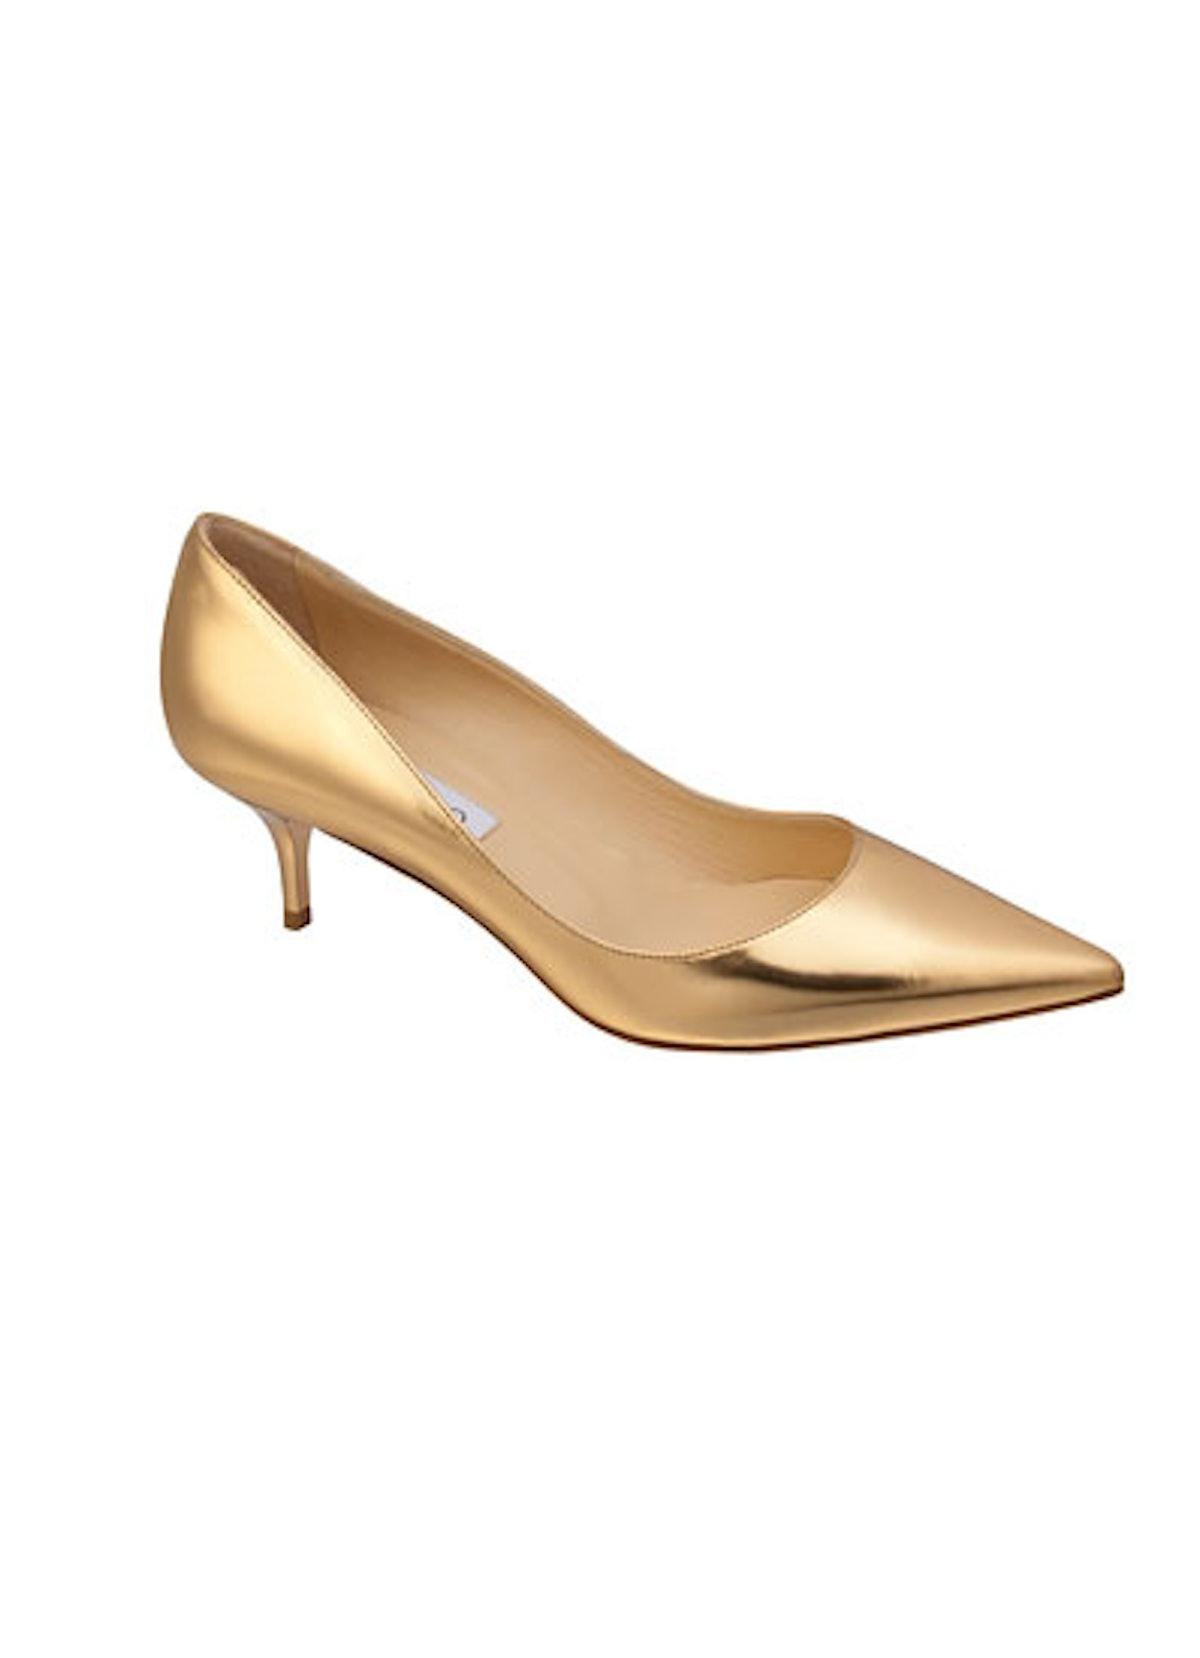 acss-kitten-heels-trend-02-v.jpg